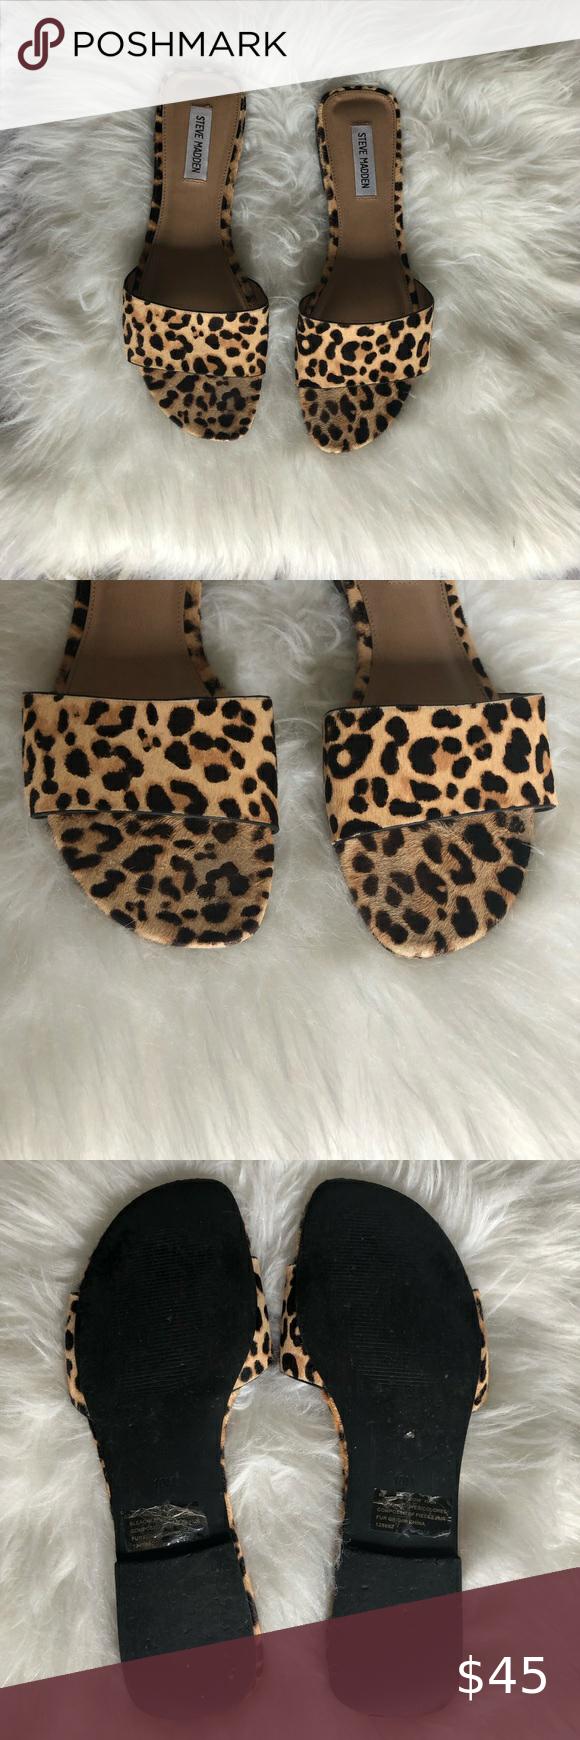 Steve Madden Bev leopard sandals in